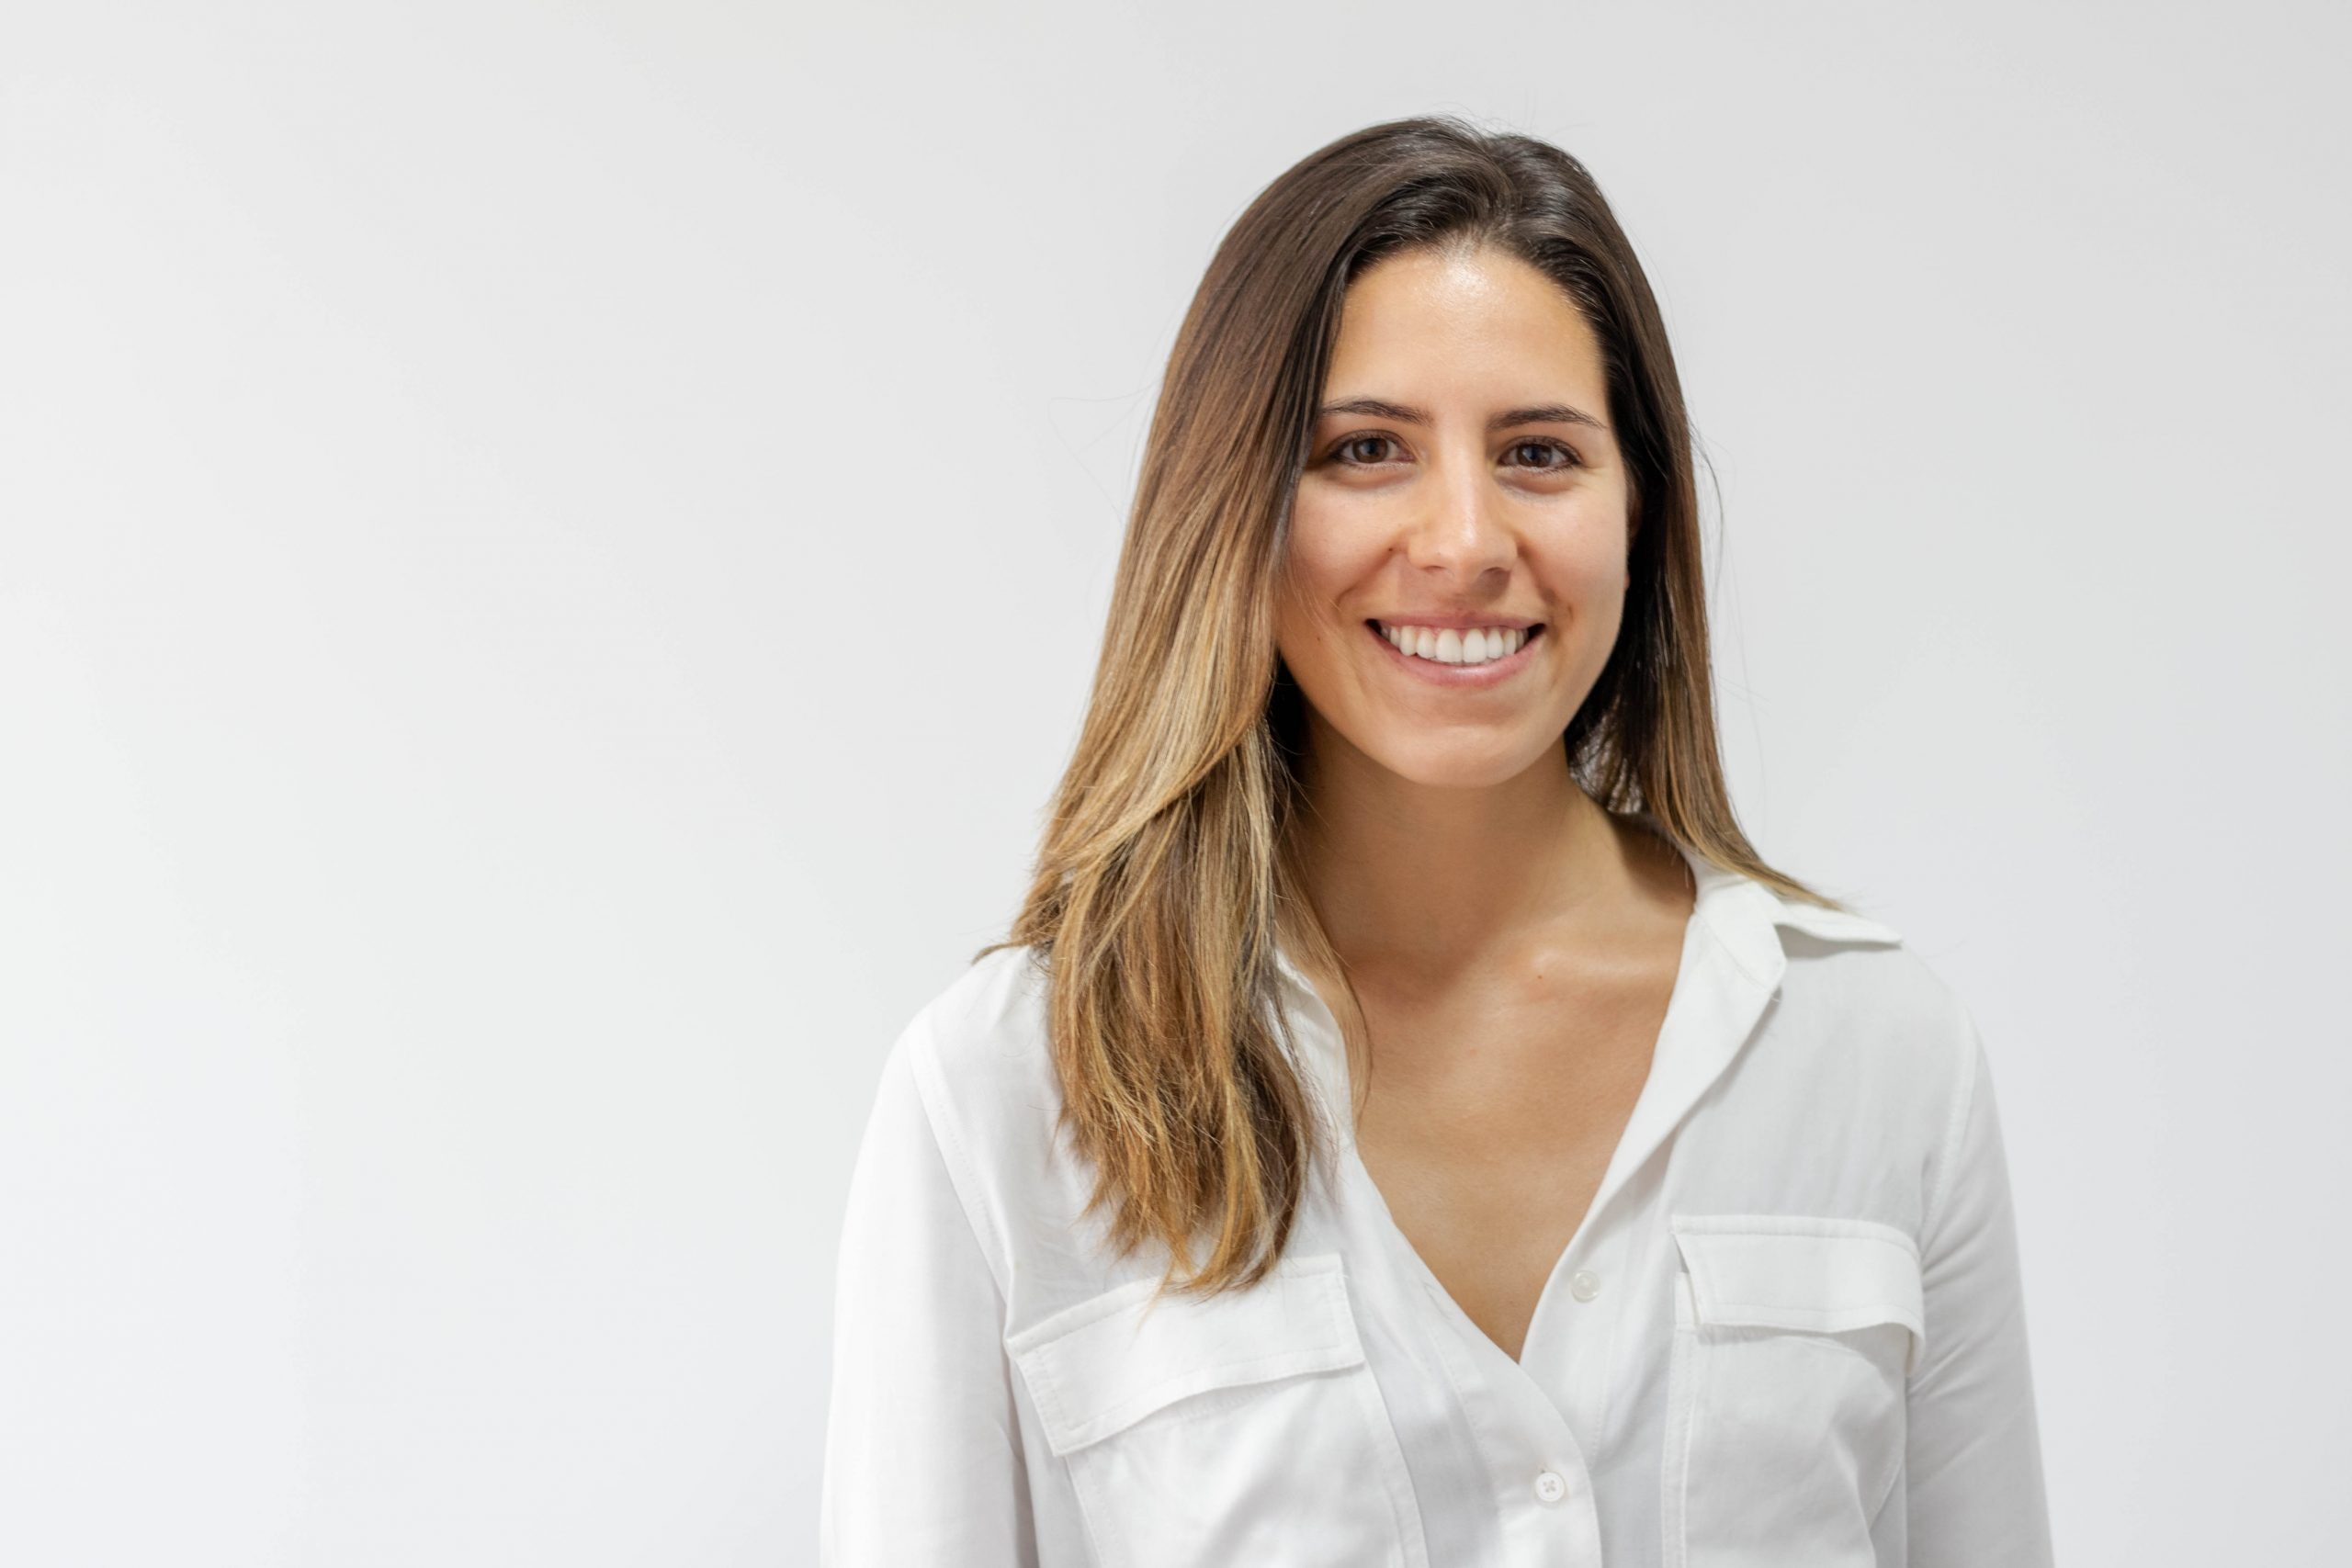 Isabella Bustamante